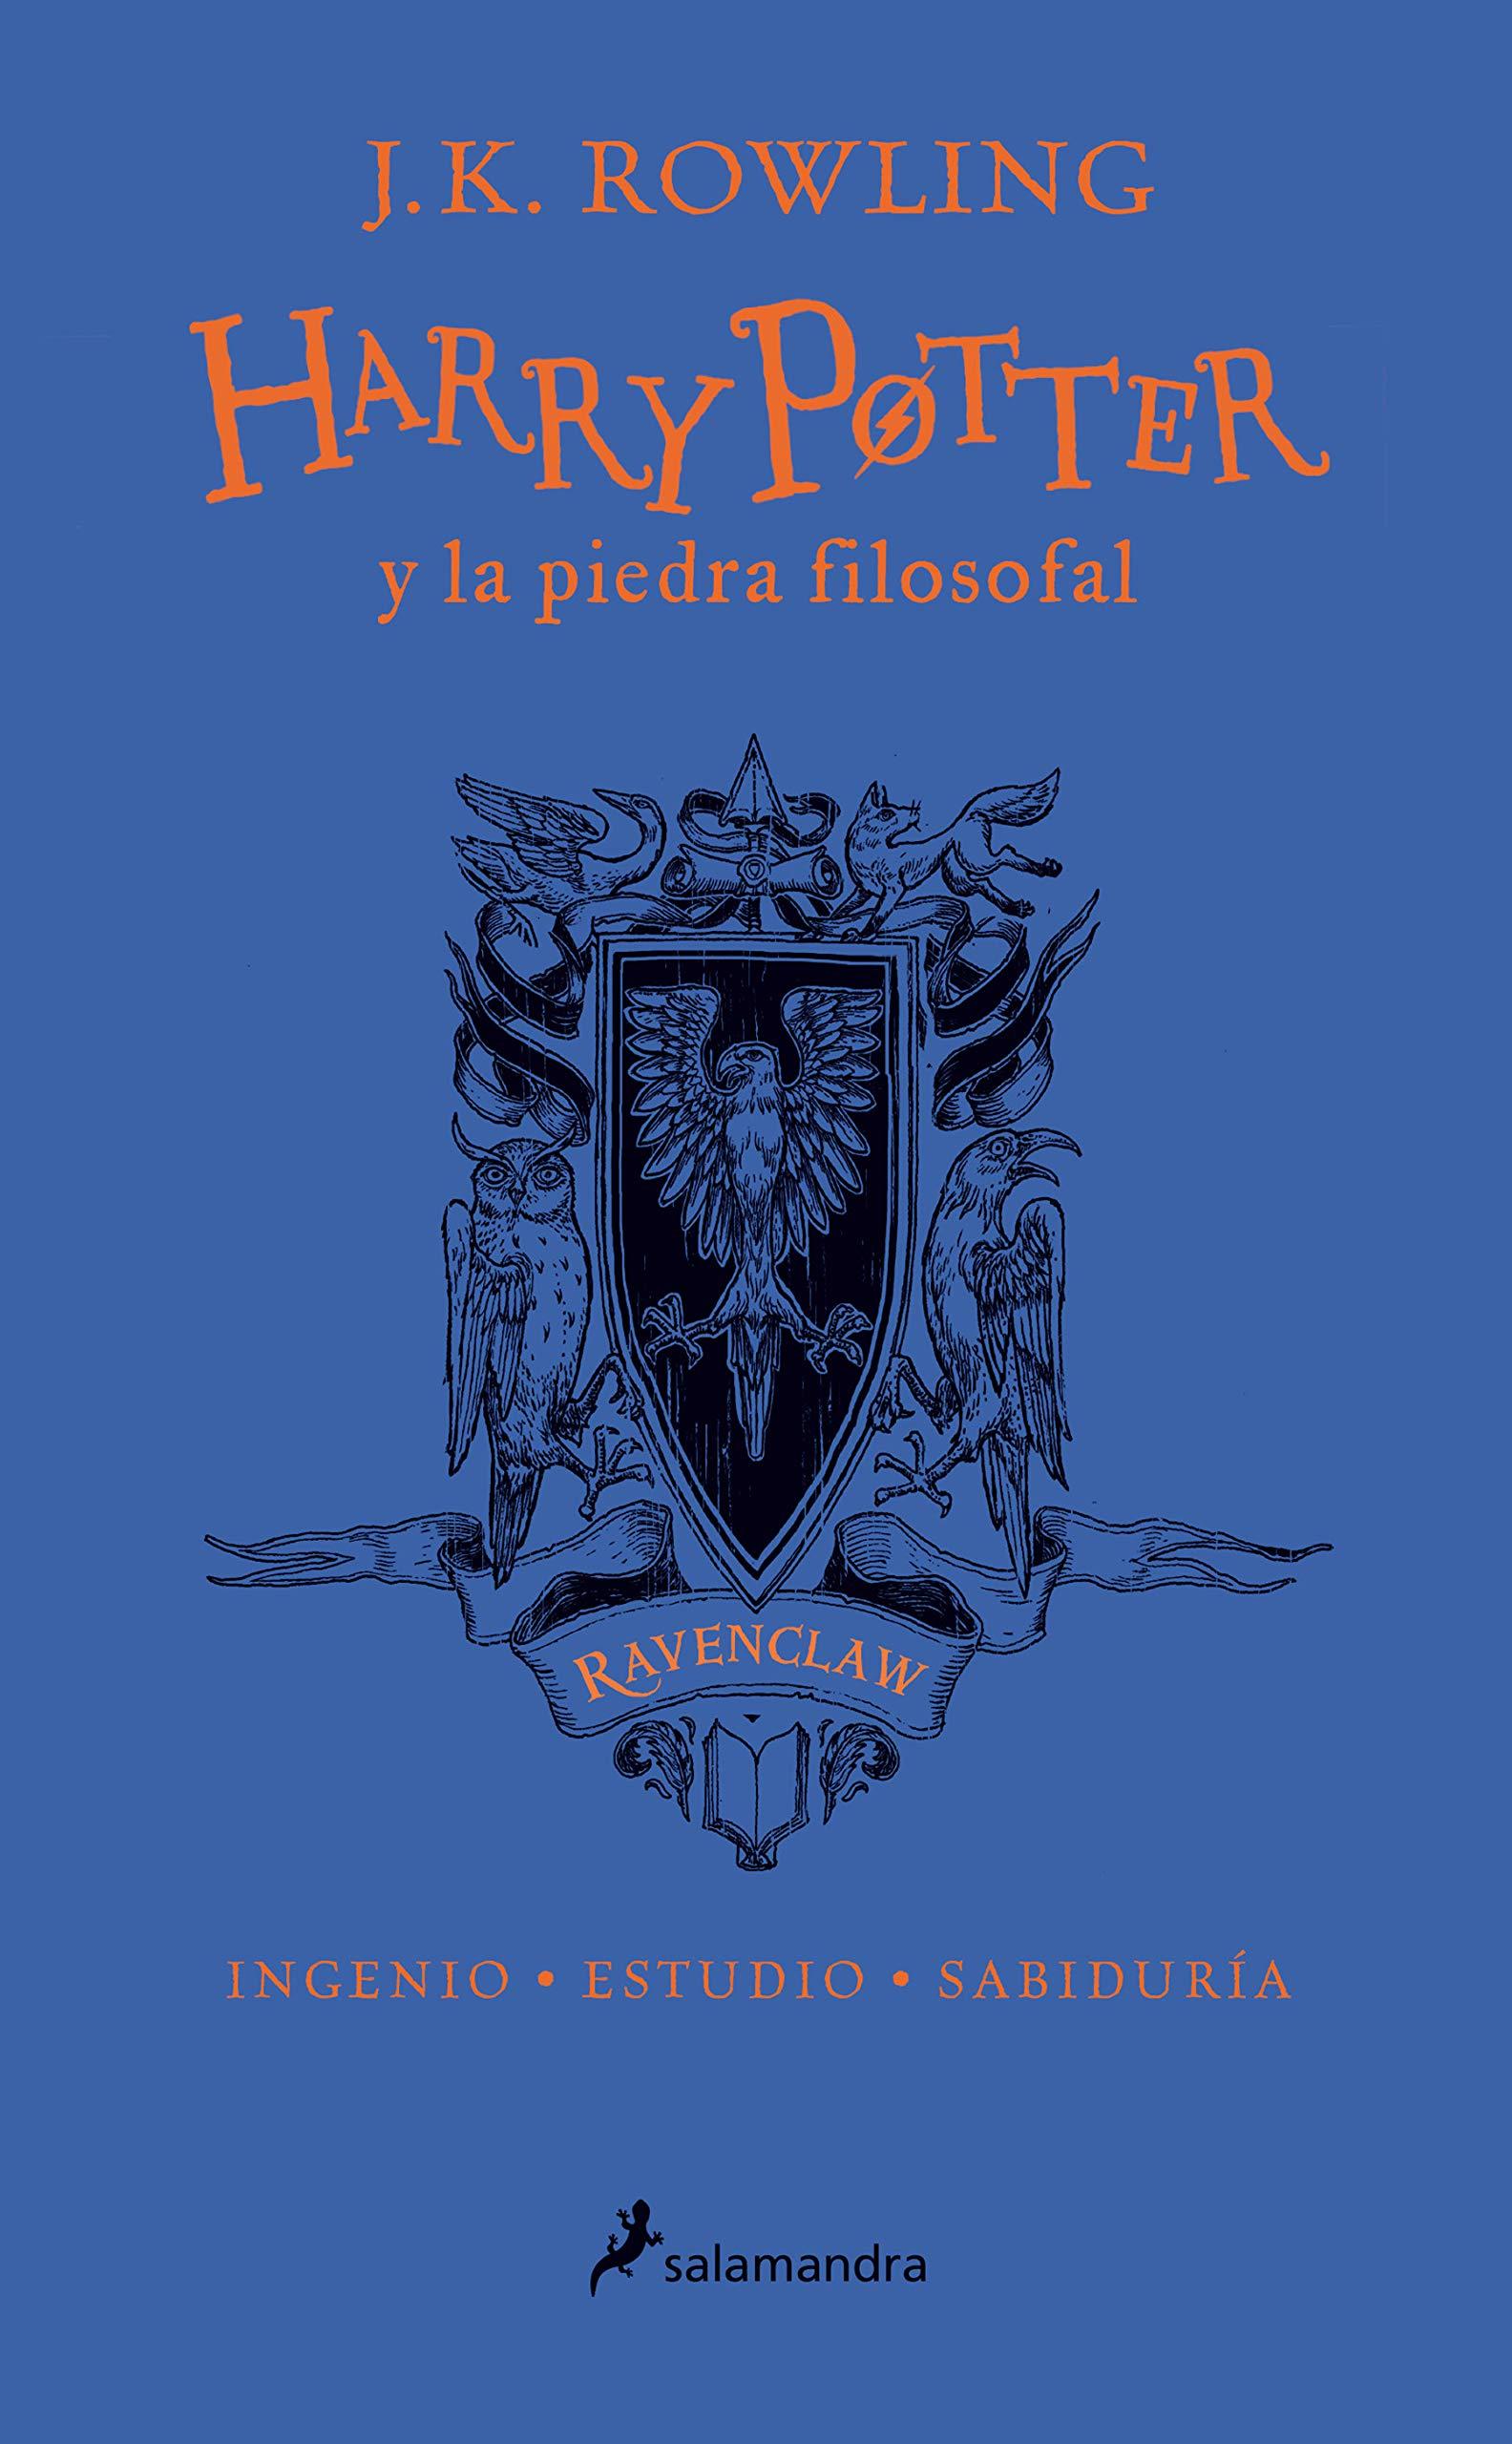 HP y la piedra filosofal-20 aniv-Ravenclaw: Ingenio · Estudio ...